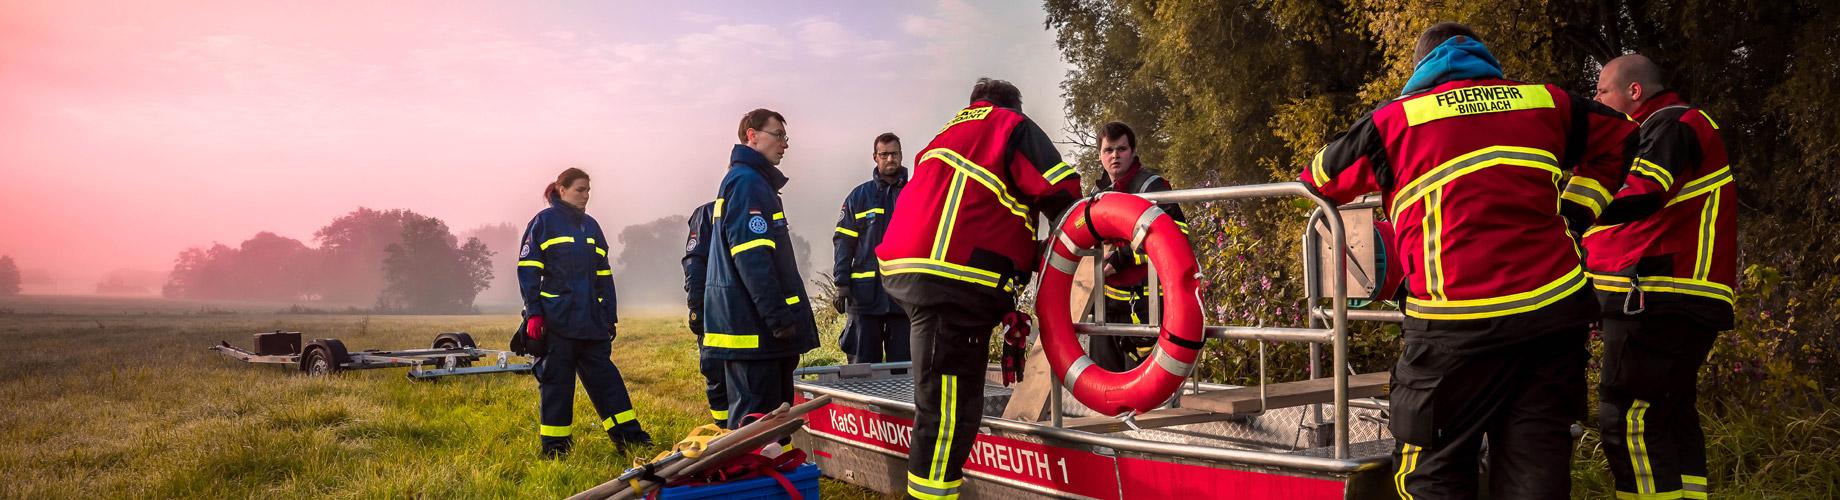 Startseiten Slider Katastrophenschutz - Feuerwehrleute auf einem Feld in der Dämmerung